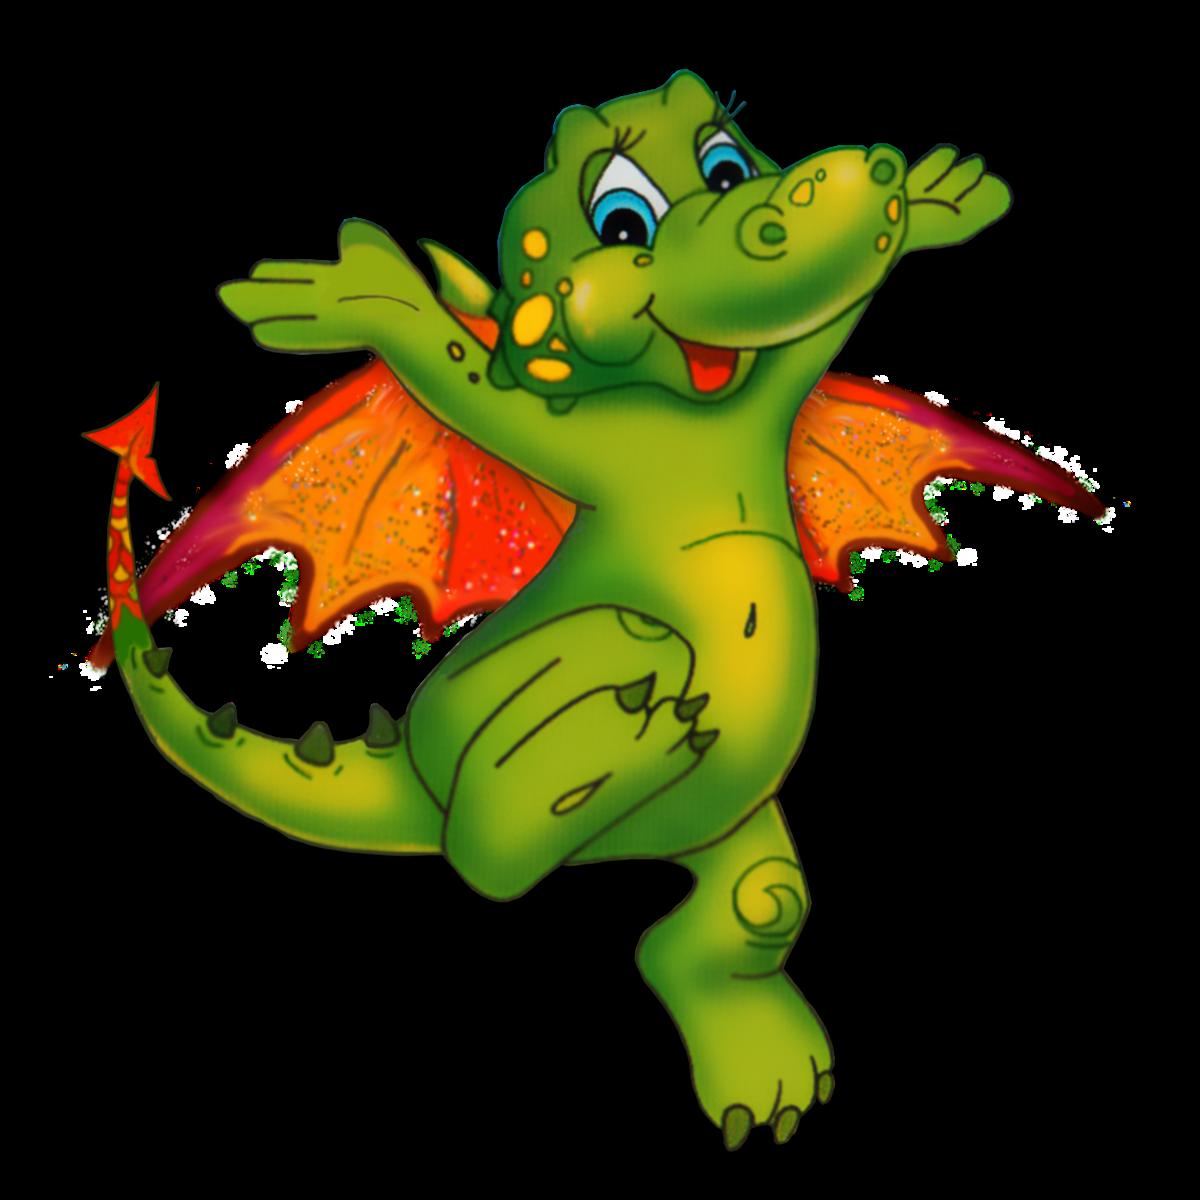 Картинка веселого дракона, футбола для детей